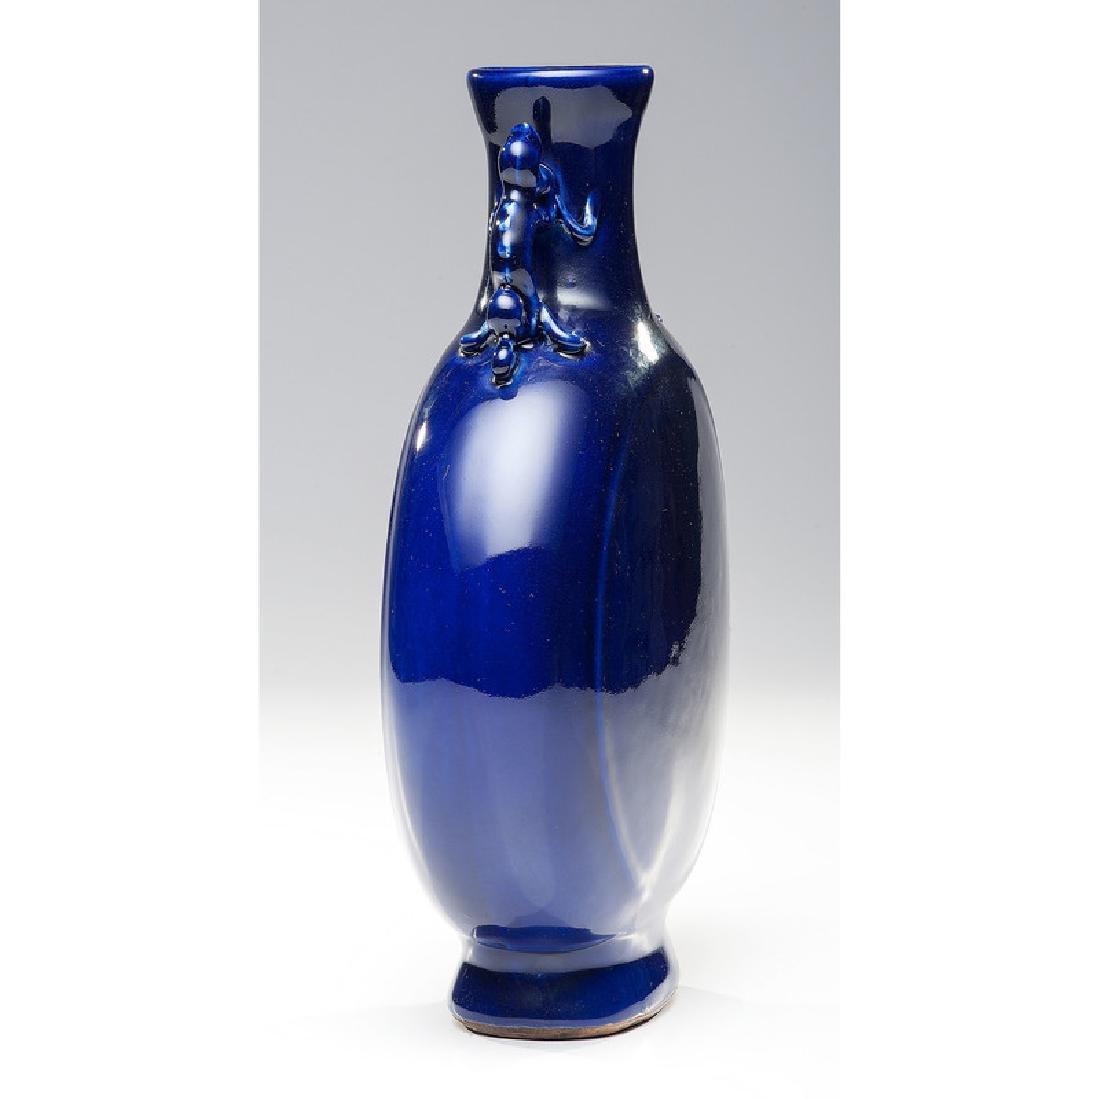 Chinese Porcelain Blue Flask Form Vase - 4